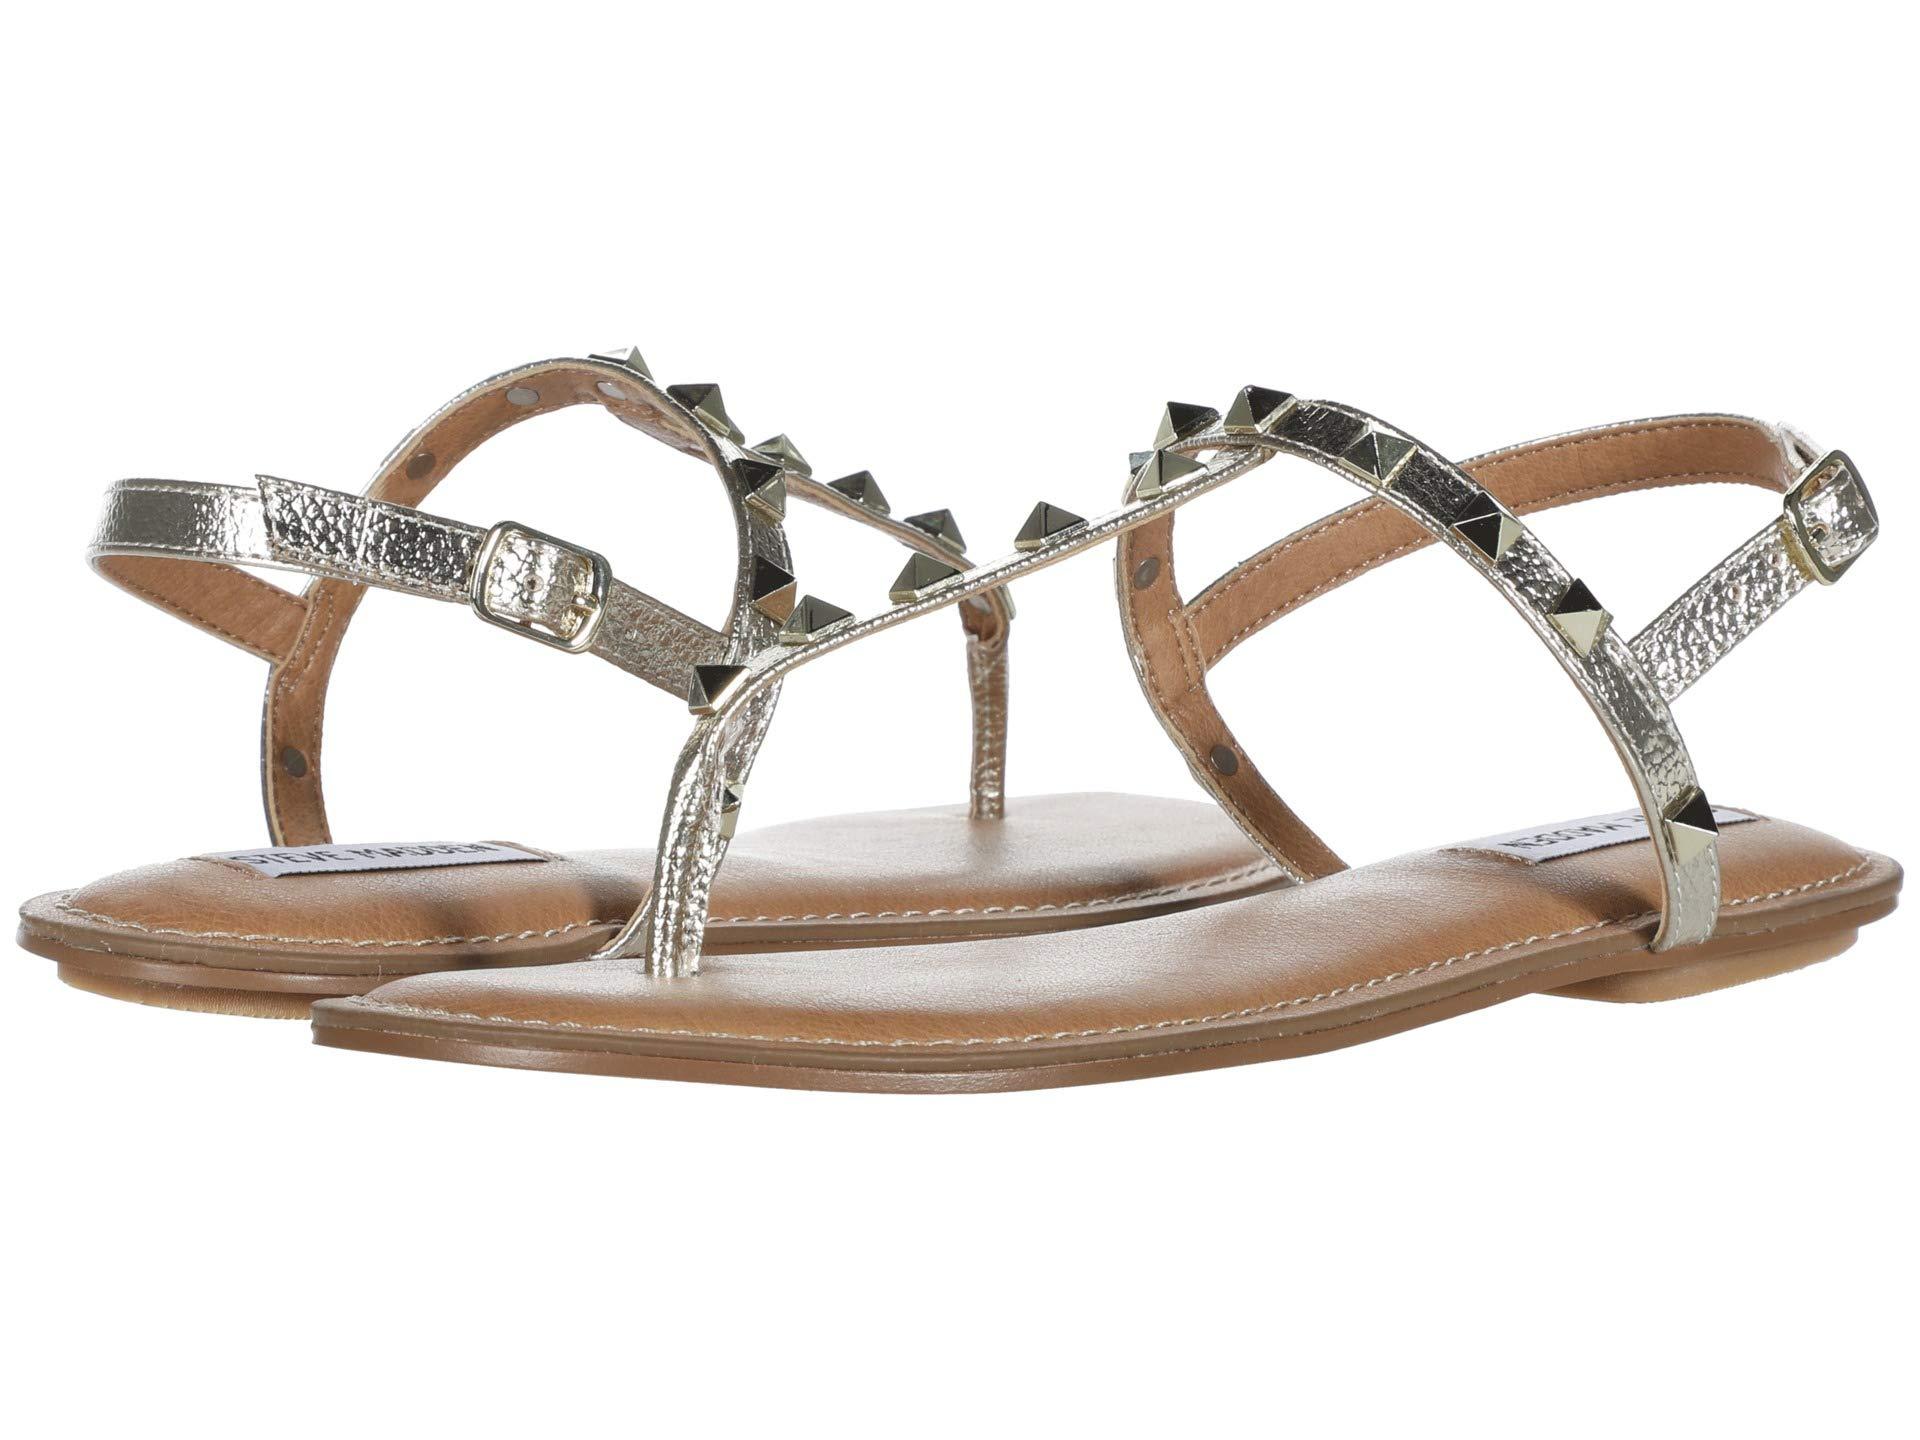 Steve Madden Steve Madden Generate Flat Sandal